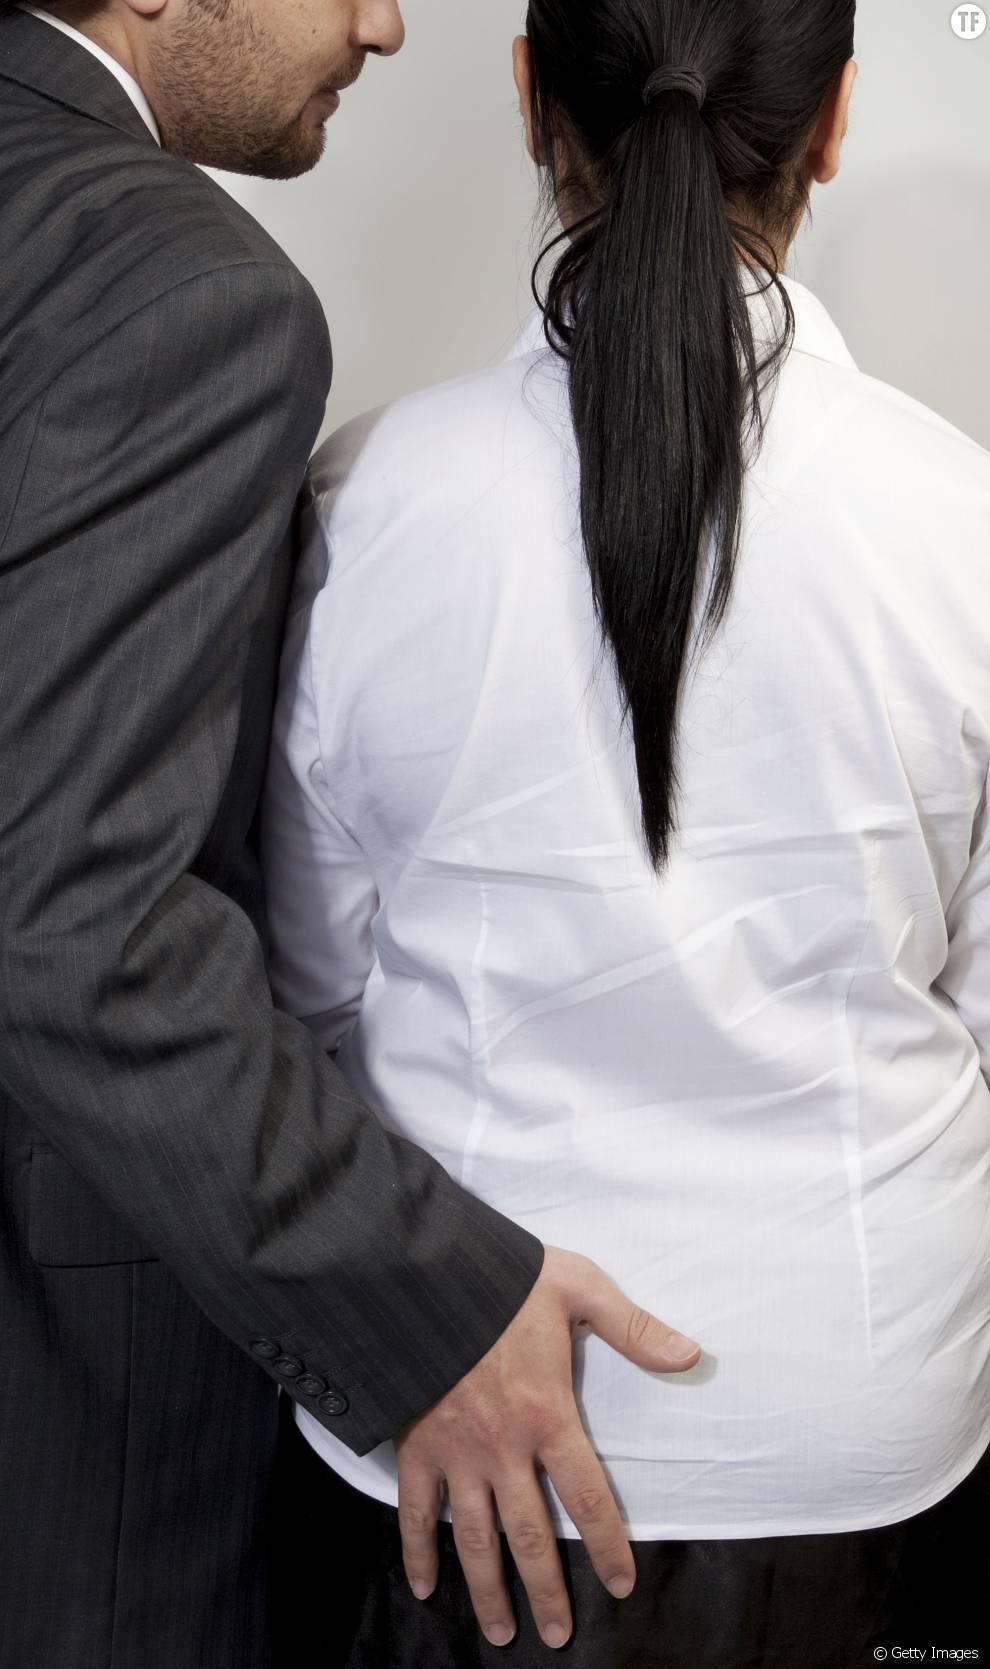 Femmes et sciences: des harcèlements sexuels systématiques